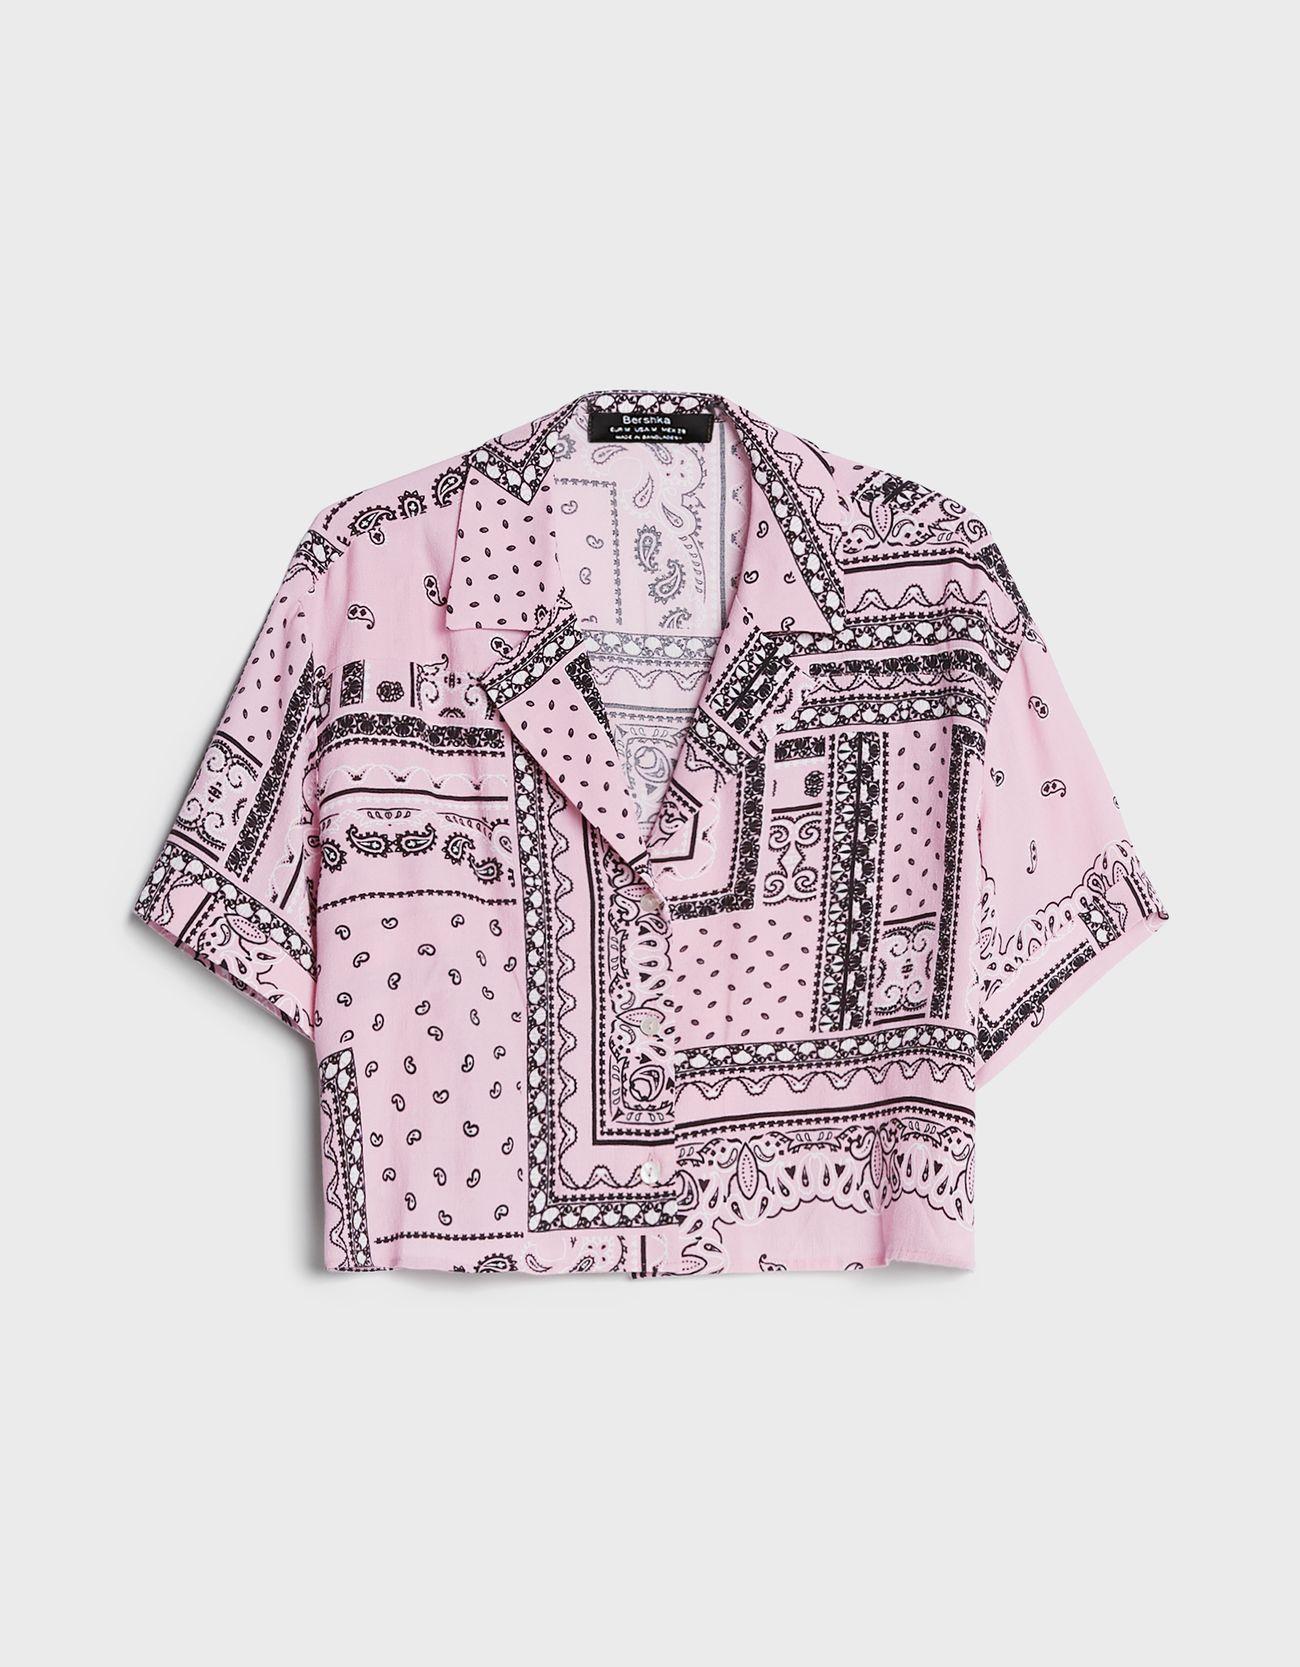 Tipo cropped y de color rosa.